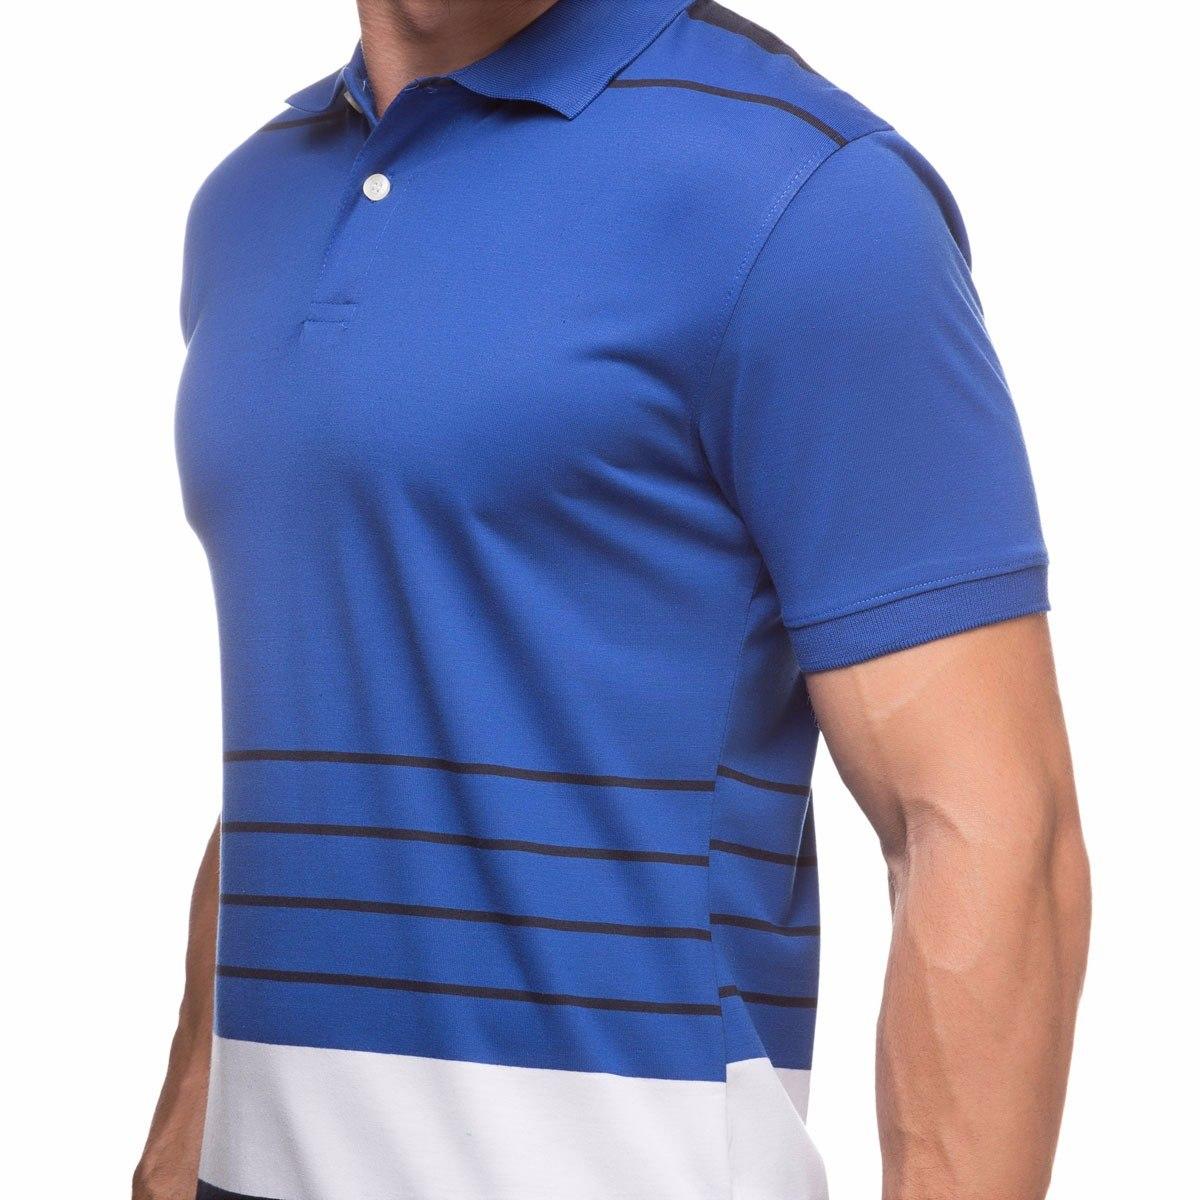 camisa polo masculina azul com listras em promoção atacado. Carregando zoom. aac9f10a19654